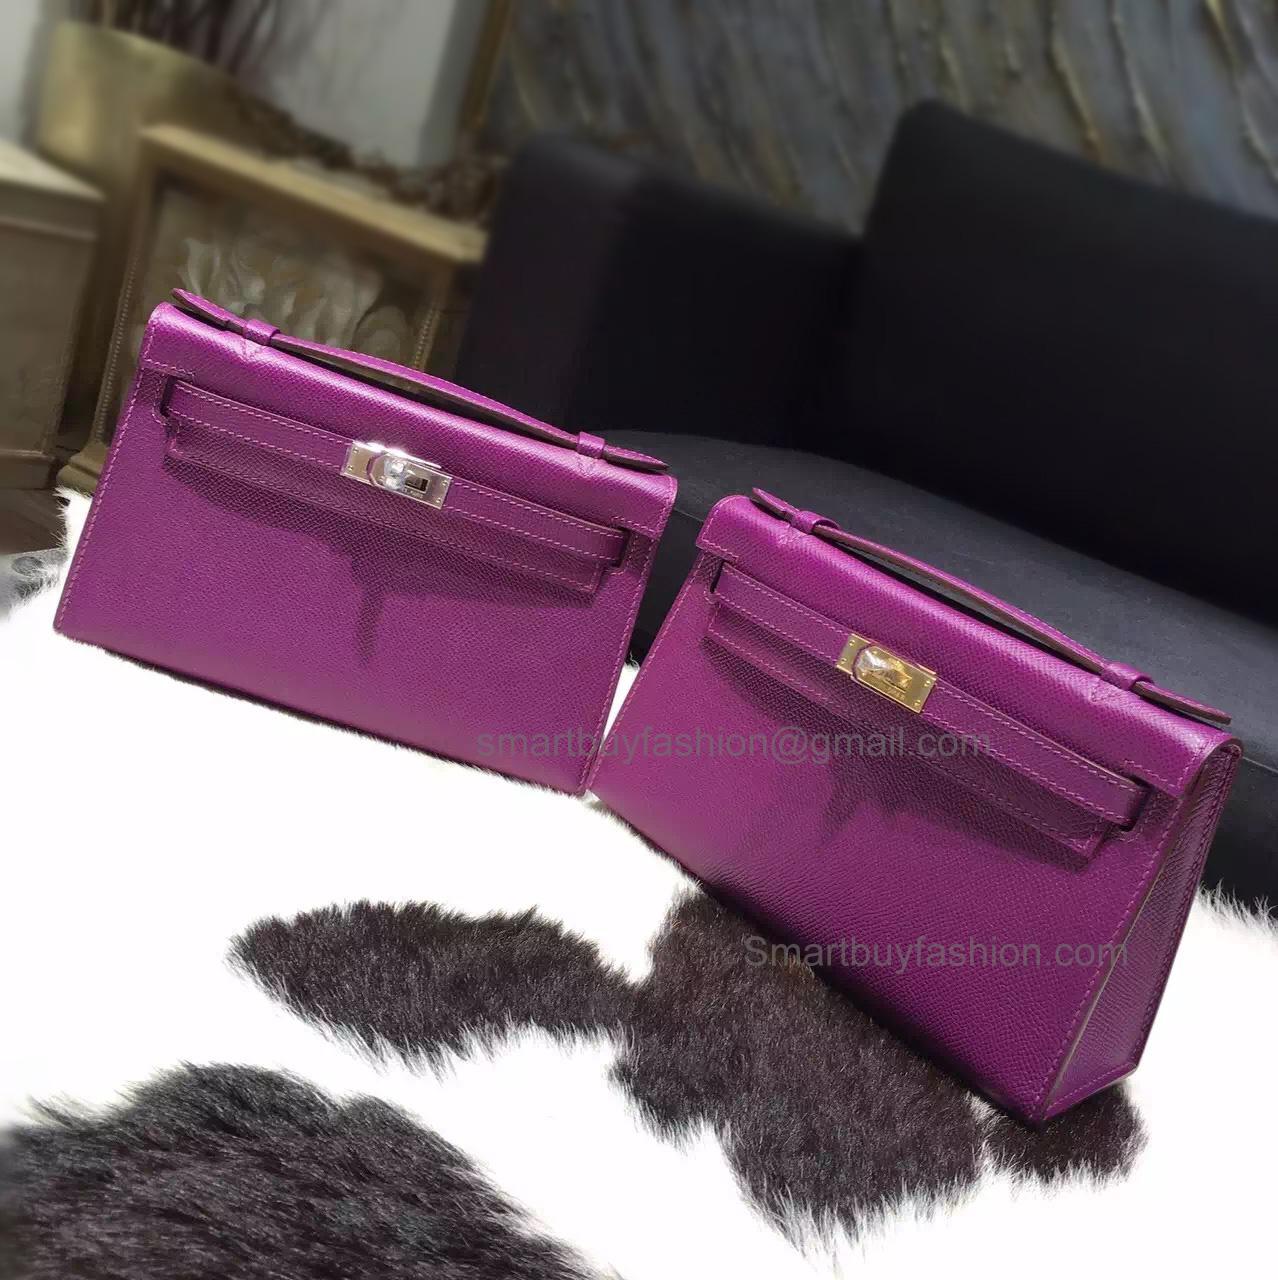 Handmade Hermes Mini Kelly Pochette 22 Bag in p9 Anemone Epsom Calfskin 930b9ac4ab69e